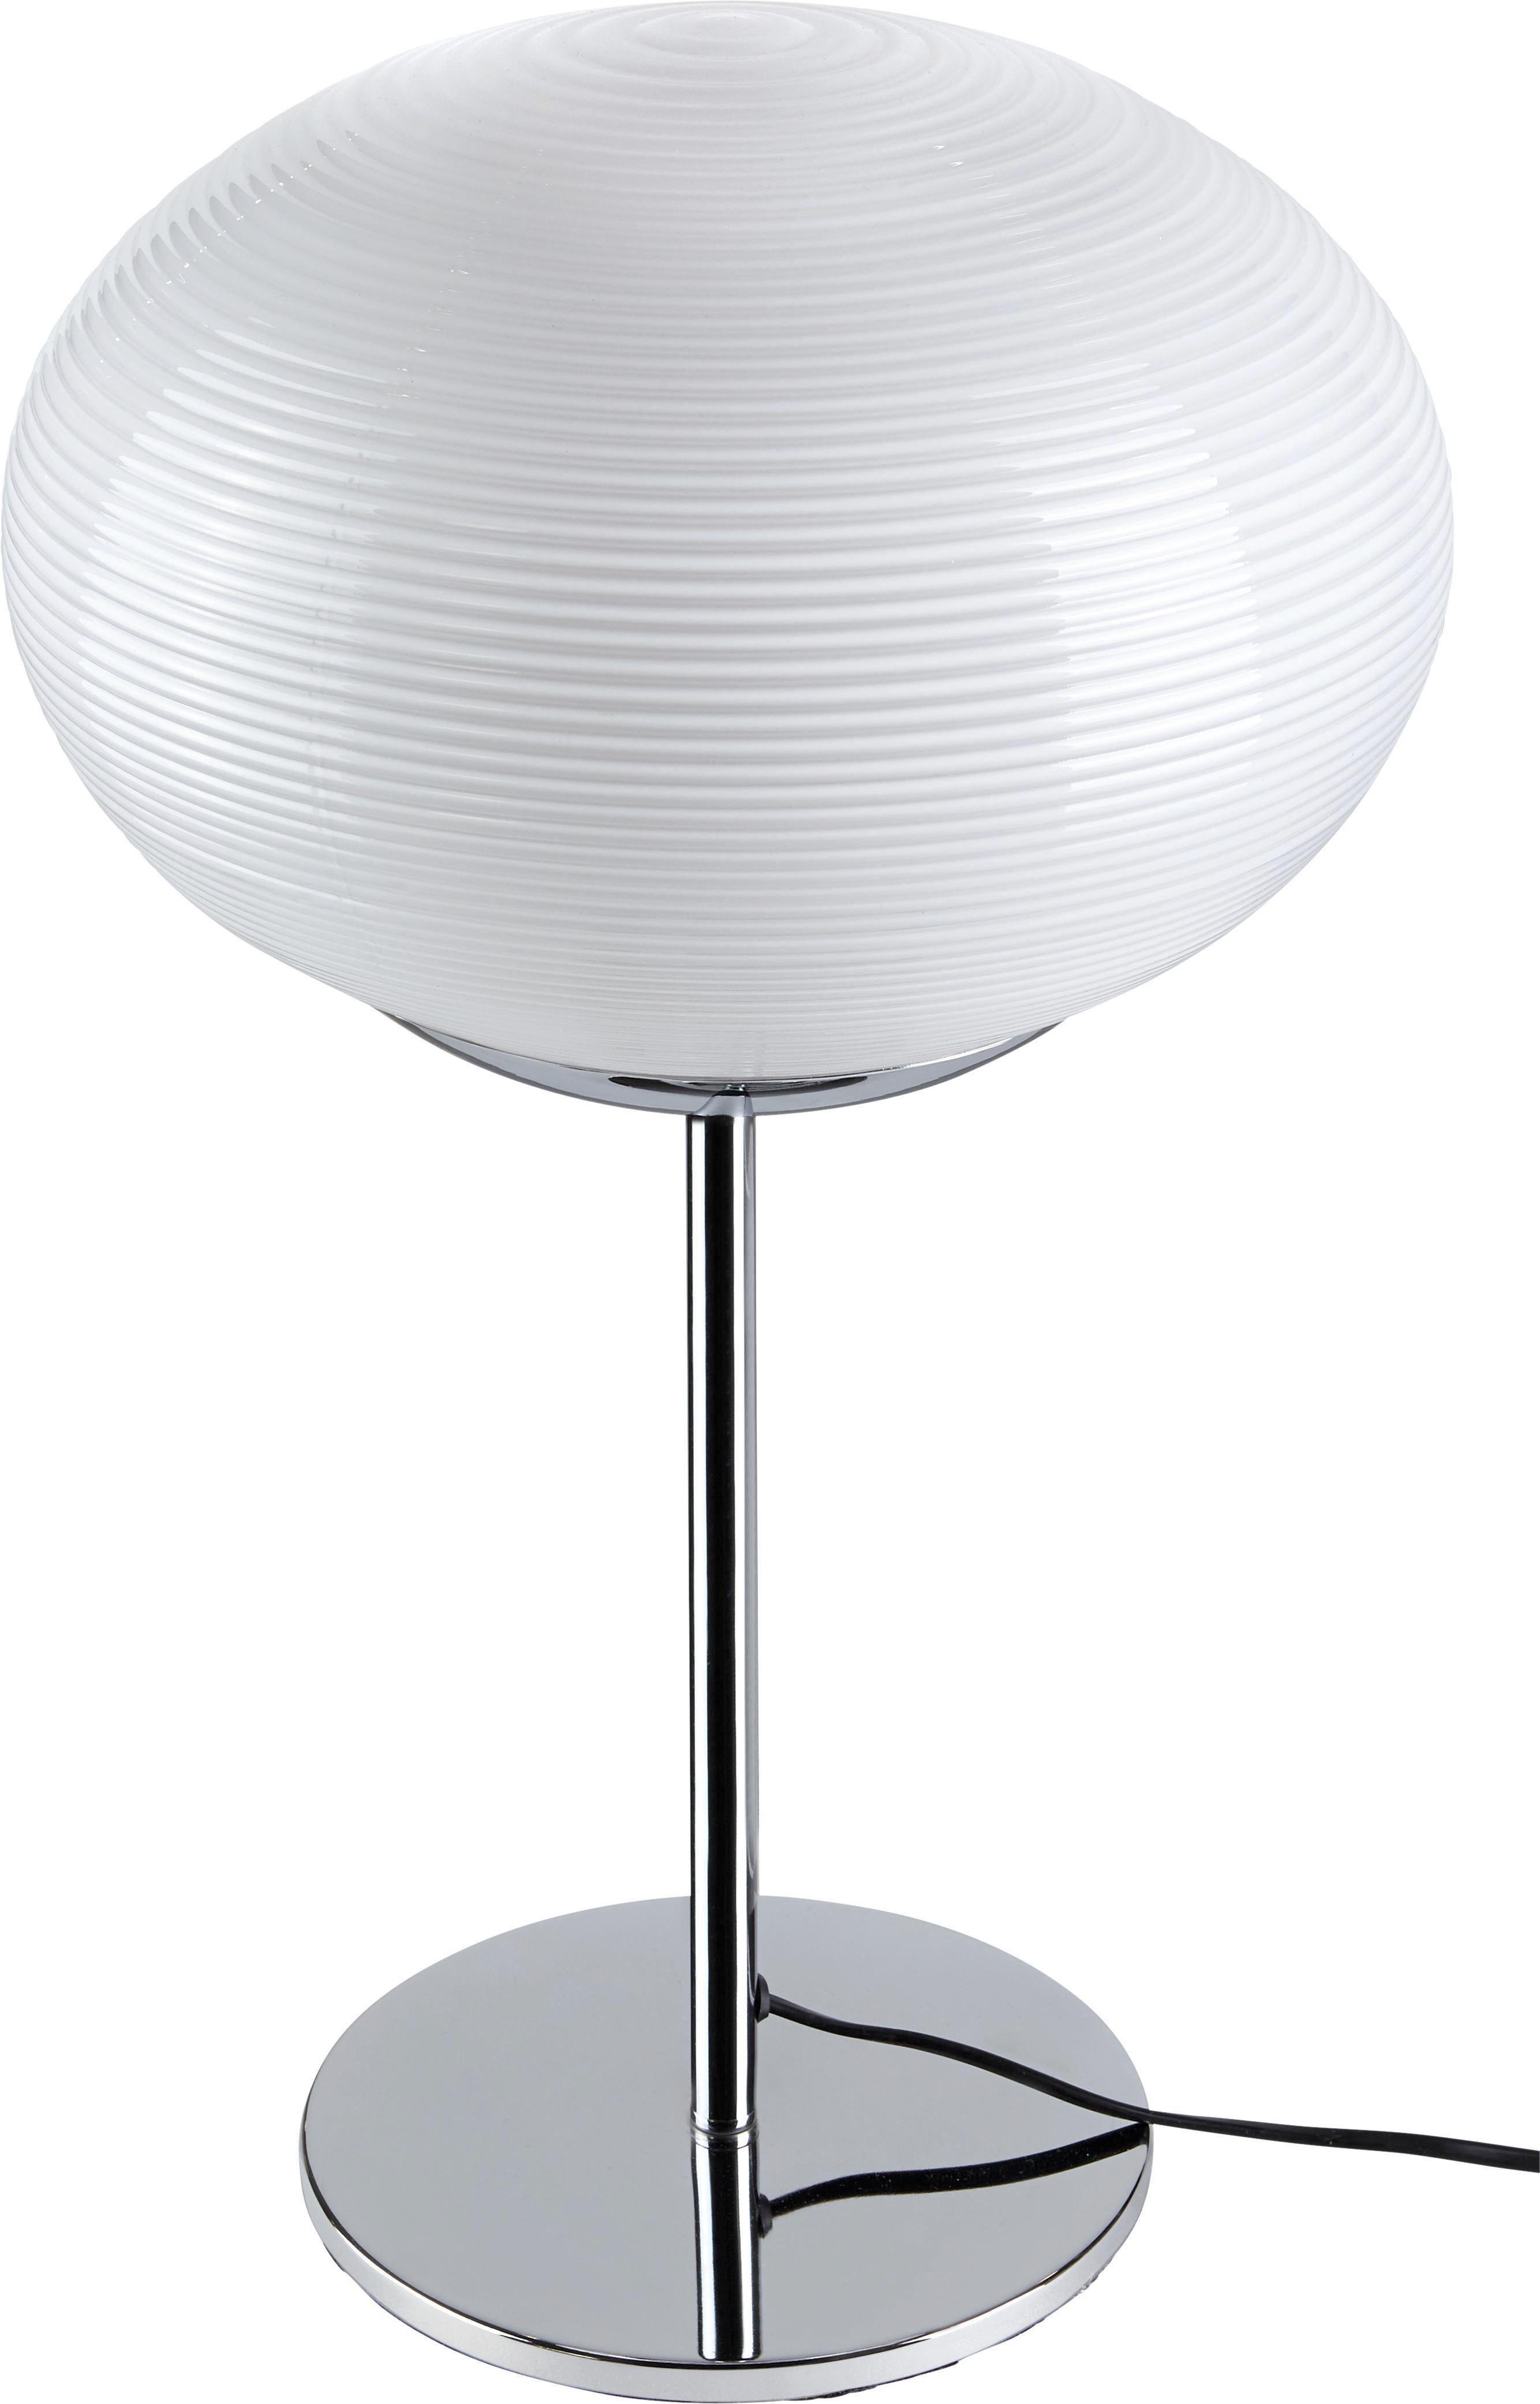 Tischleuchte Florica - Chromfarben, MODERN, Glas/Metall (30/55cm) - PREMIUM LIVING